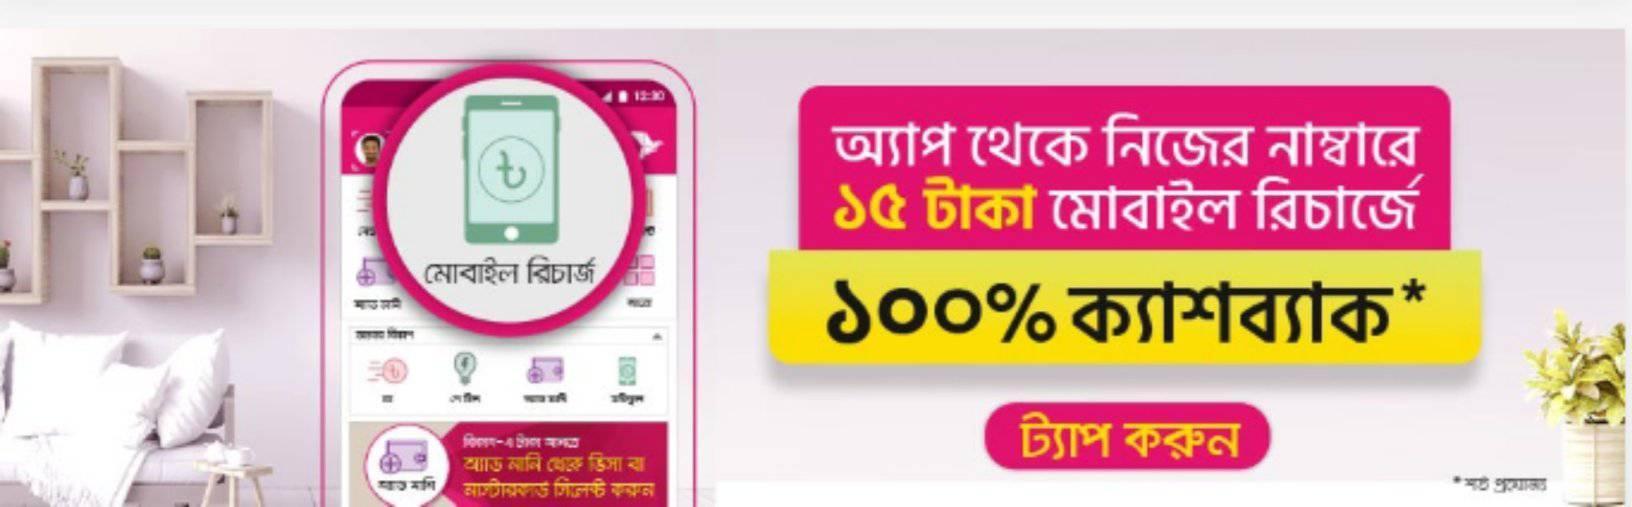 Bkash Cash Back Offer 2021 - Bkash Mobile Recharge Offer 2021